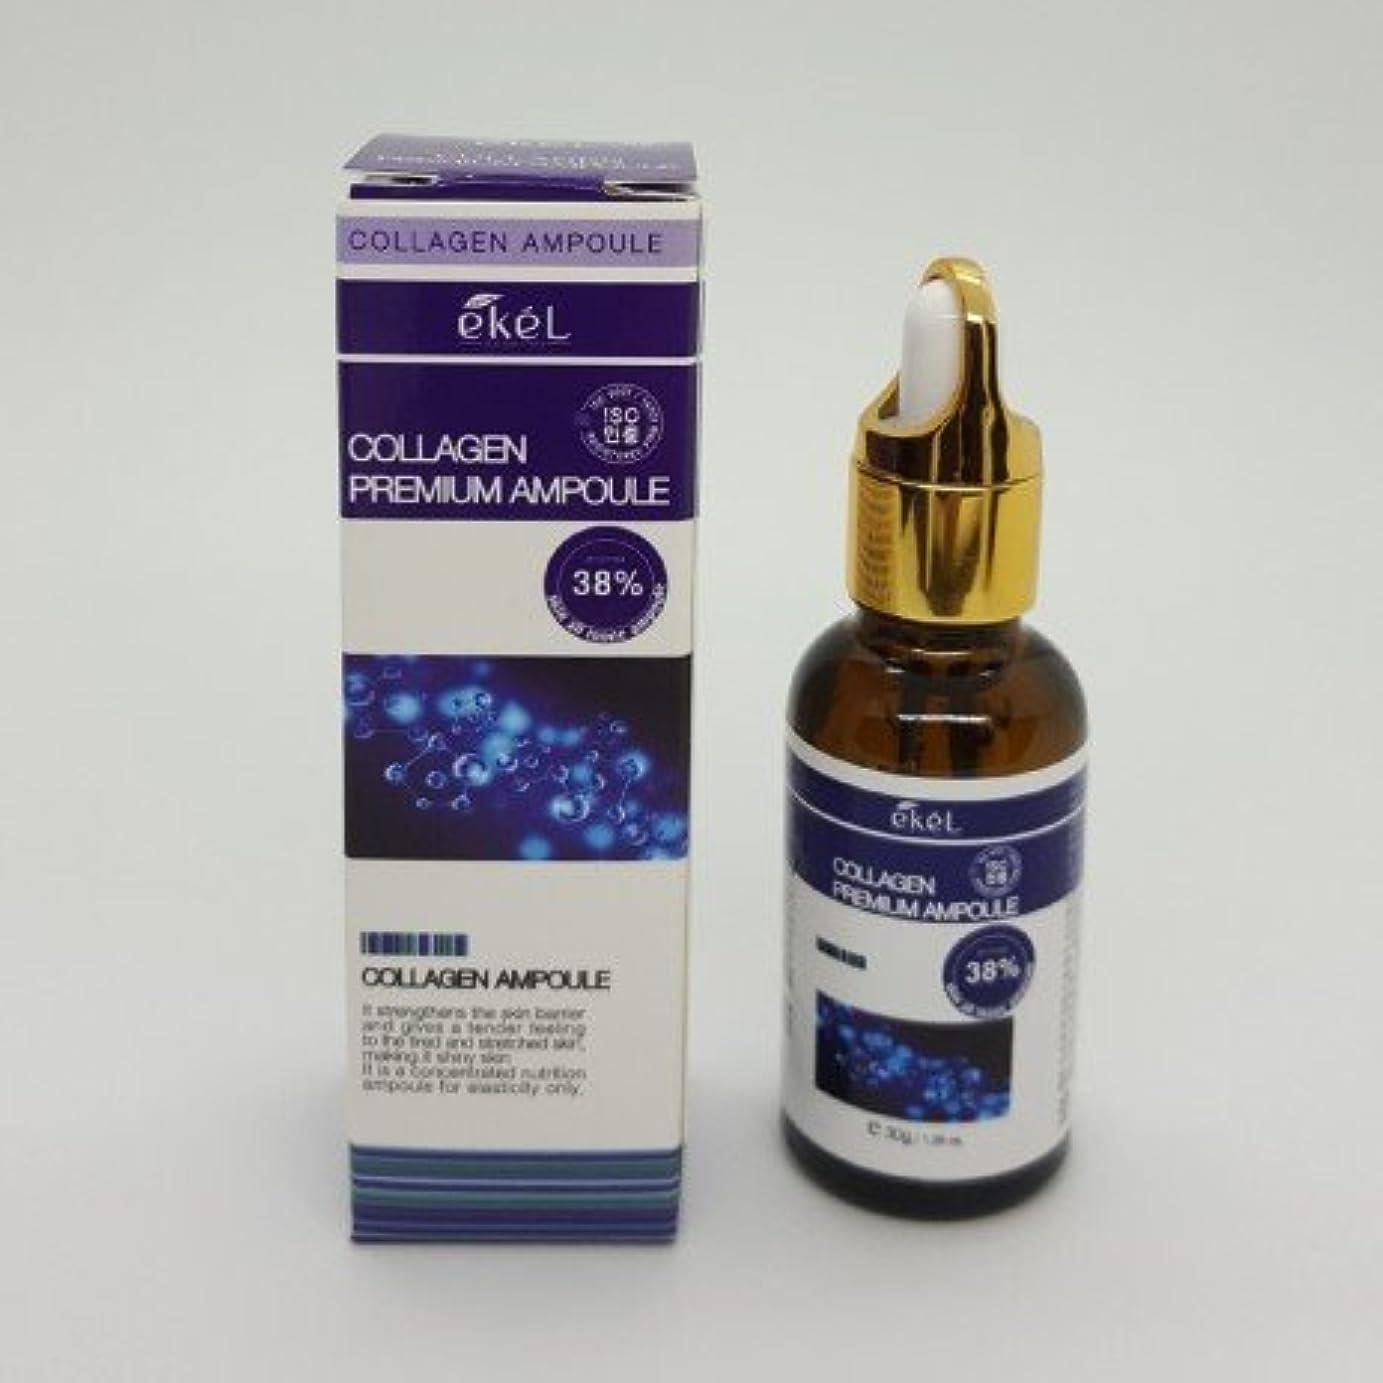 弾薬パリティ個人的に[EKEL] Collagen Premium Ampoule 38% - 30g